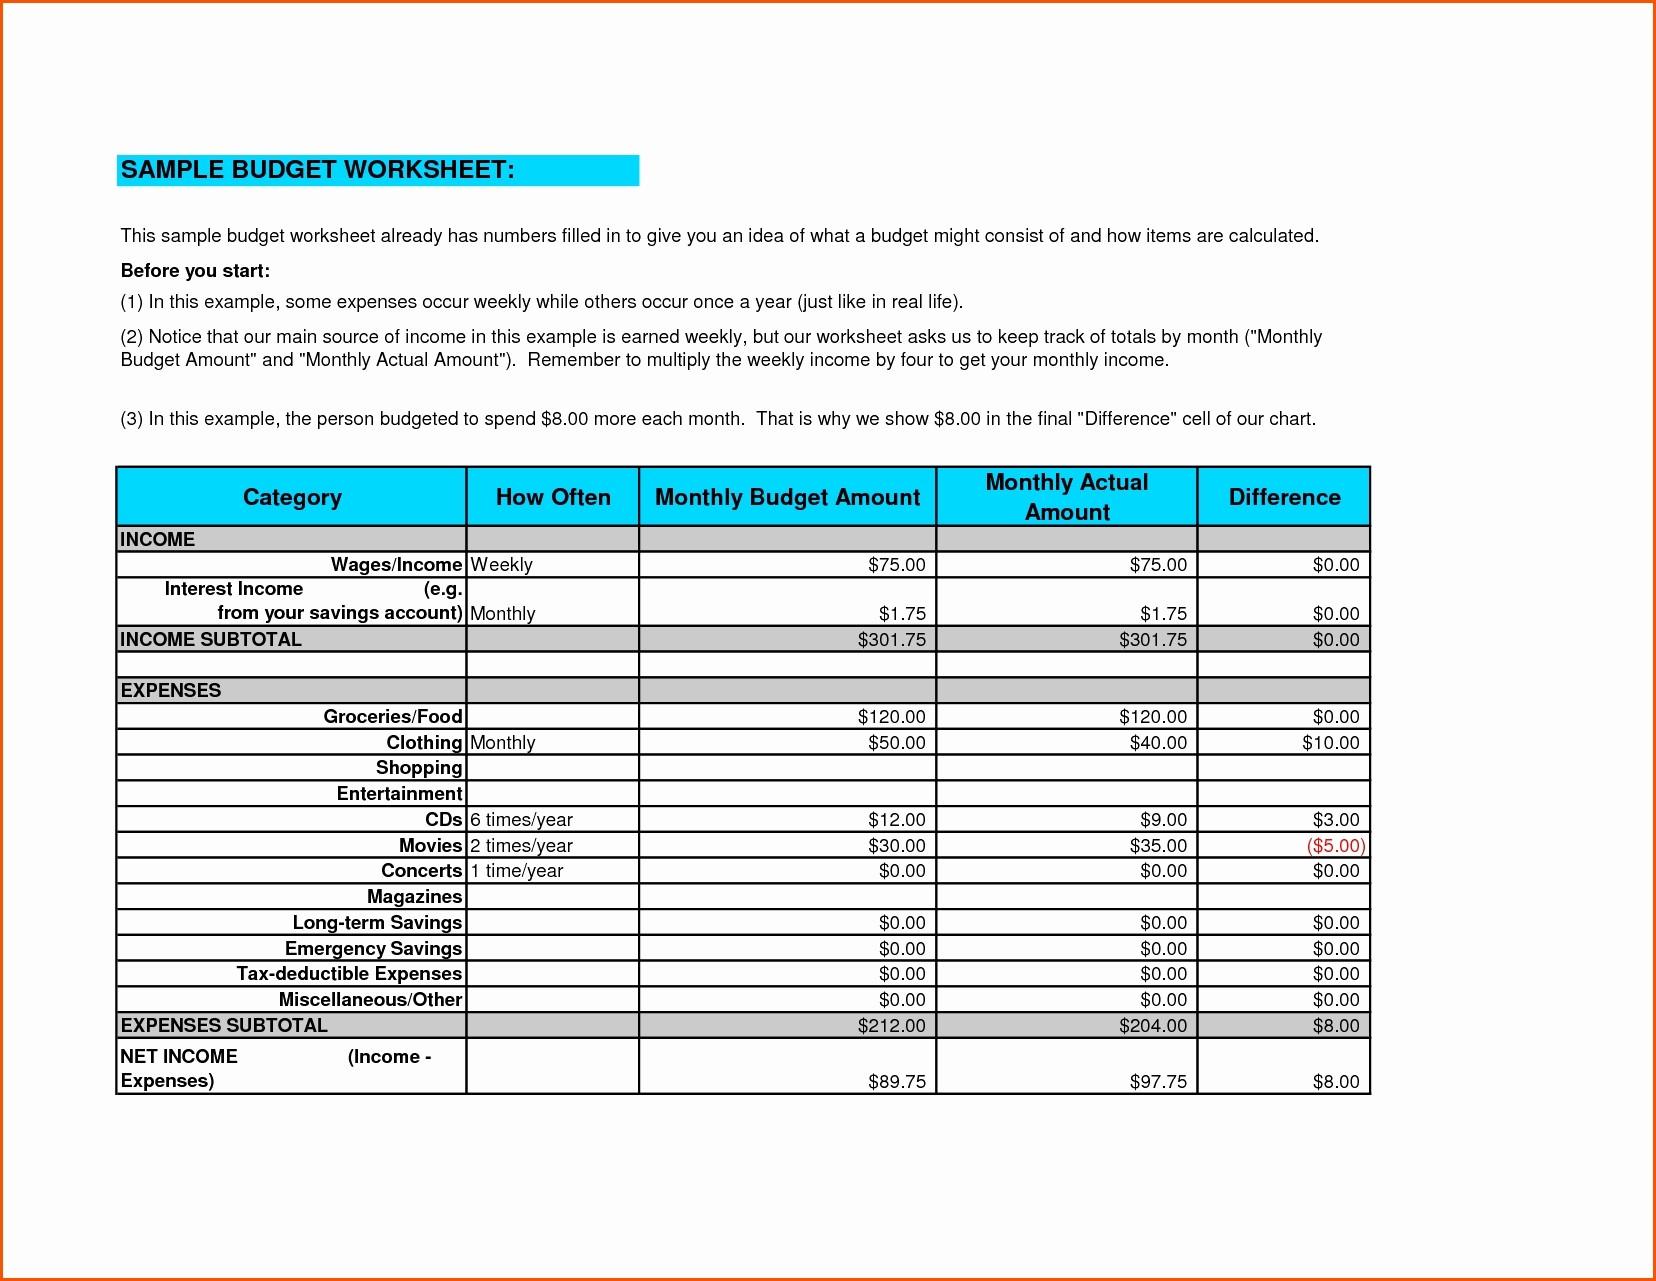 Nist 800 53 Rev 4 Spreadsheet